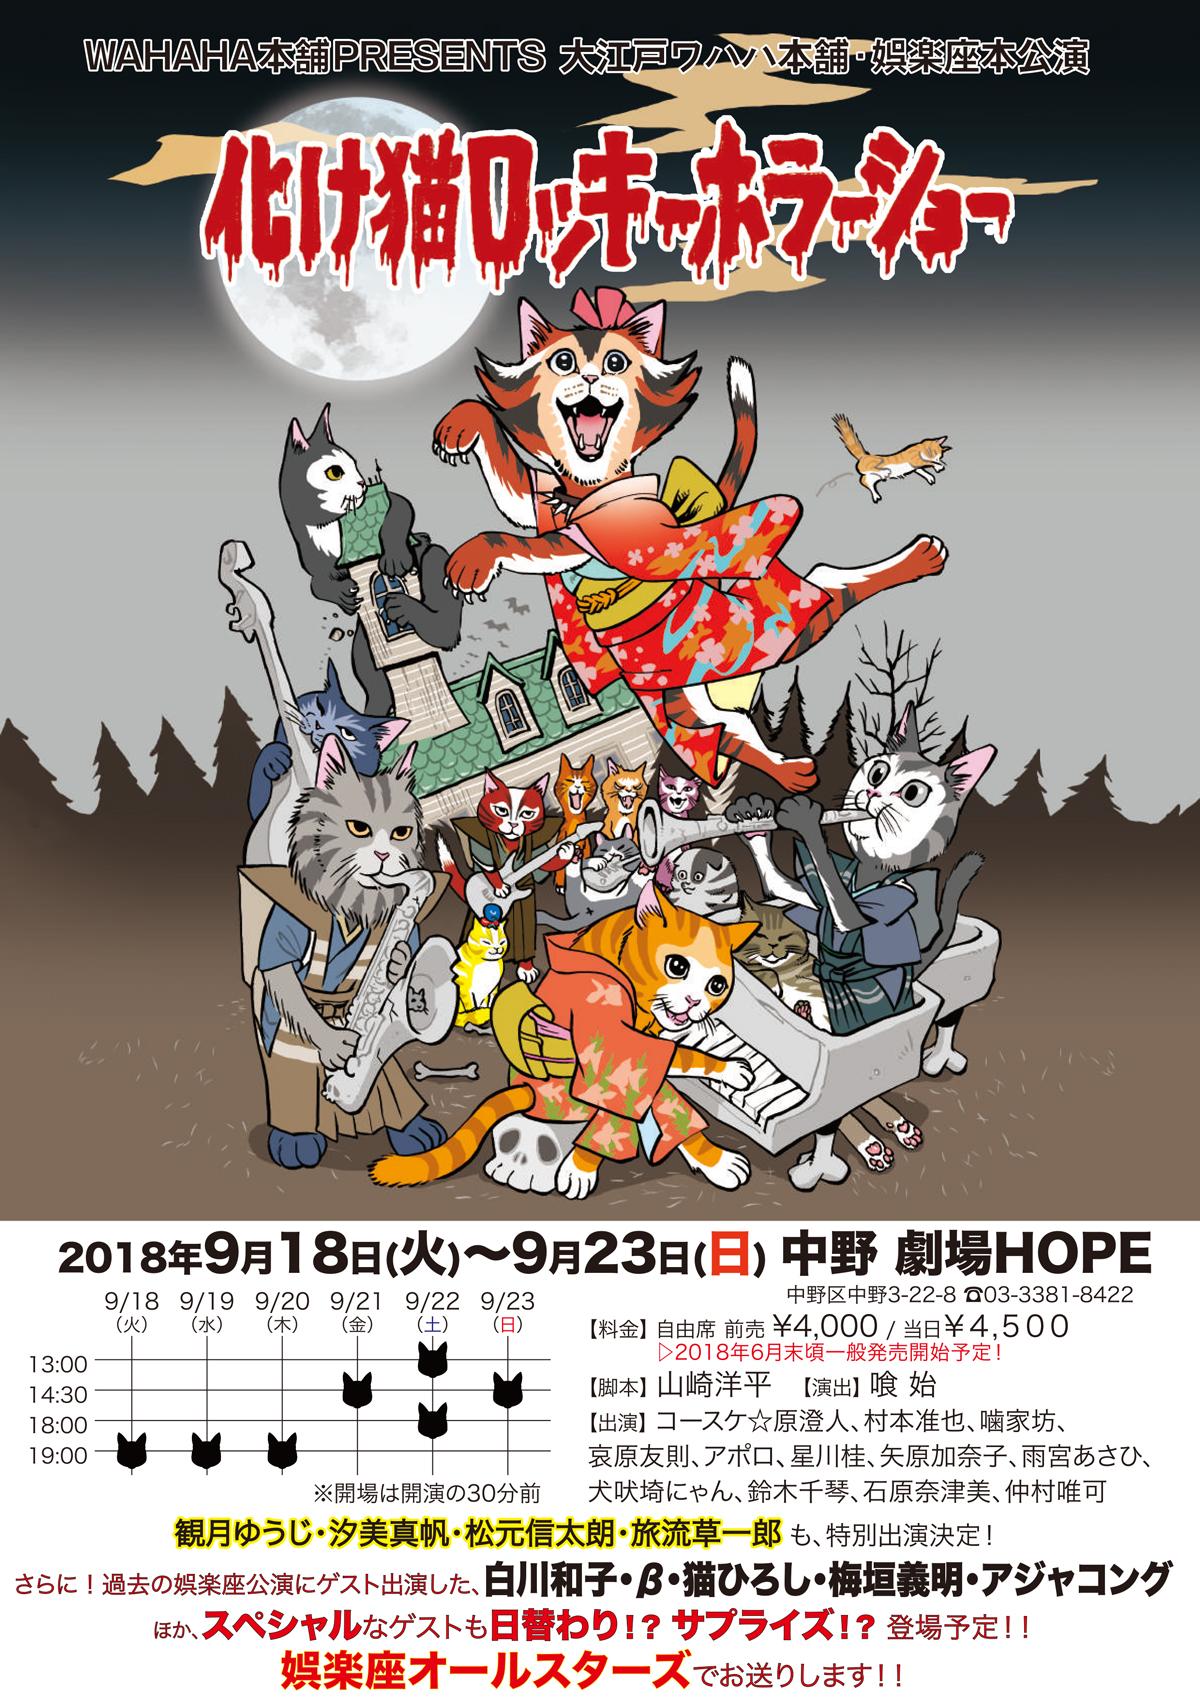 《次回娯楽座本公演》大江戸ワハハ本舗・娯楽座 本公演「化け猫ロッキーホラーショー」